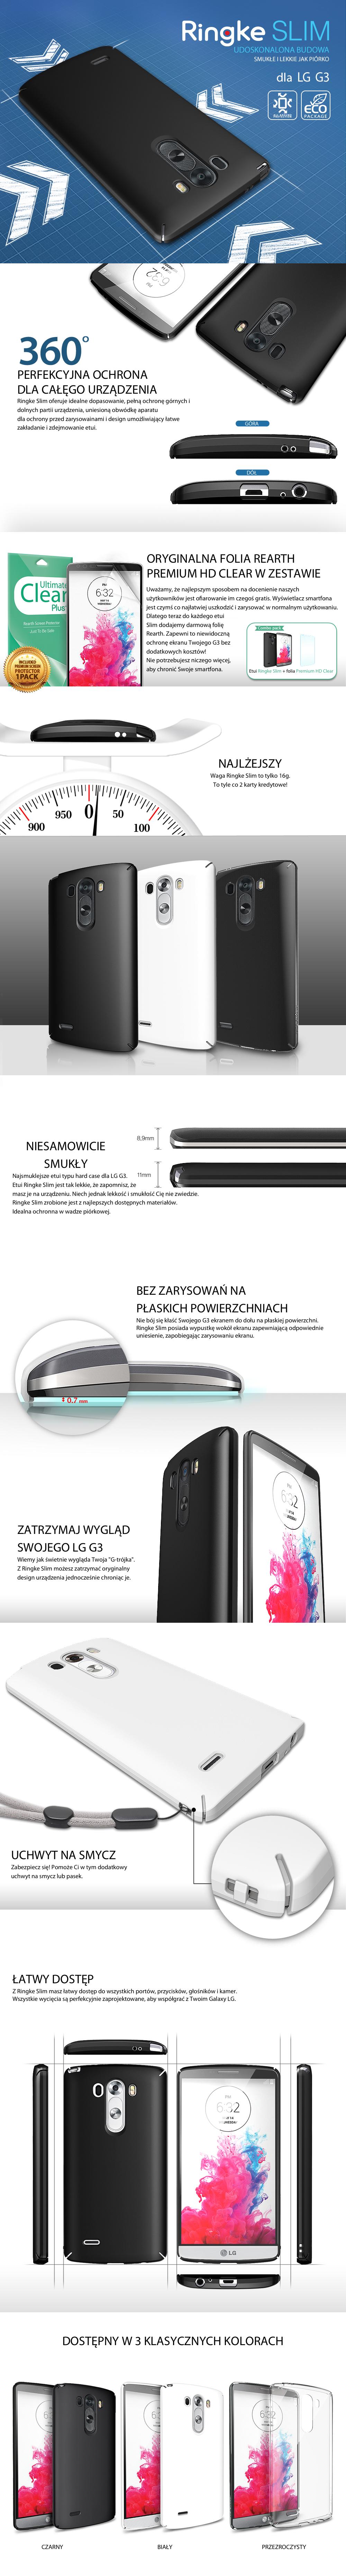 Rearth Ringke Slim LG G3 sklep